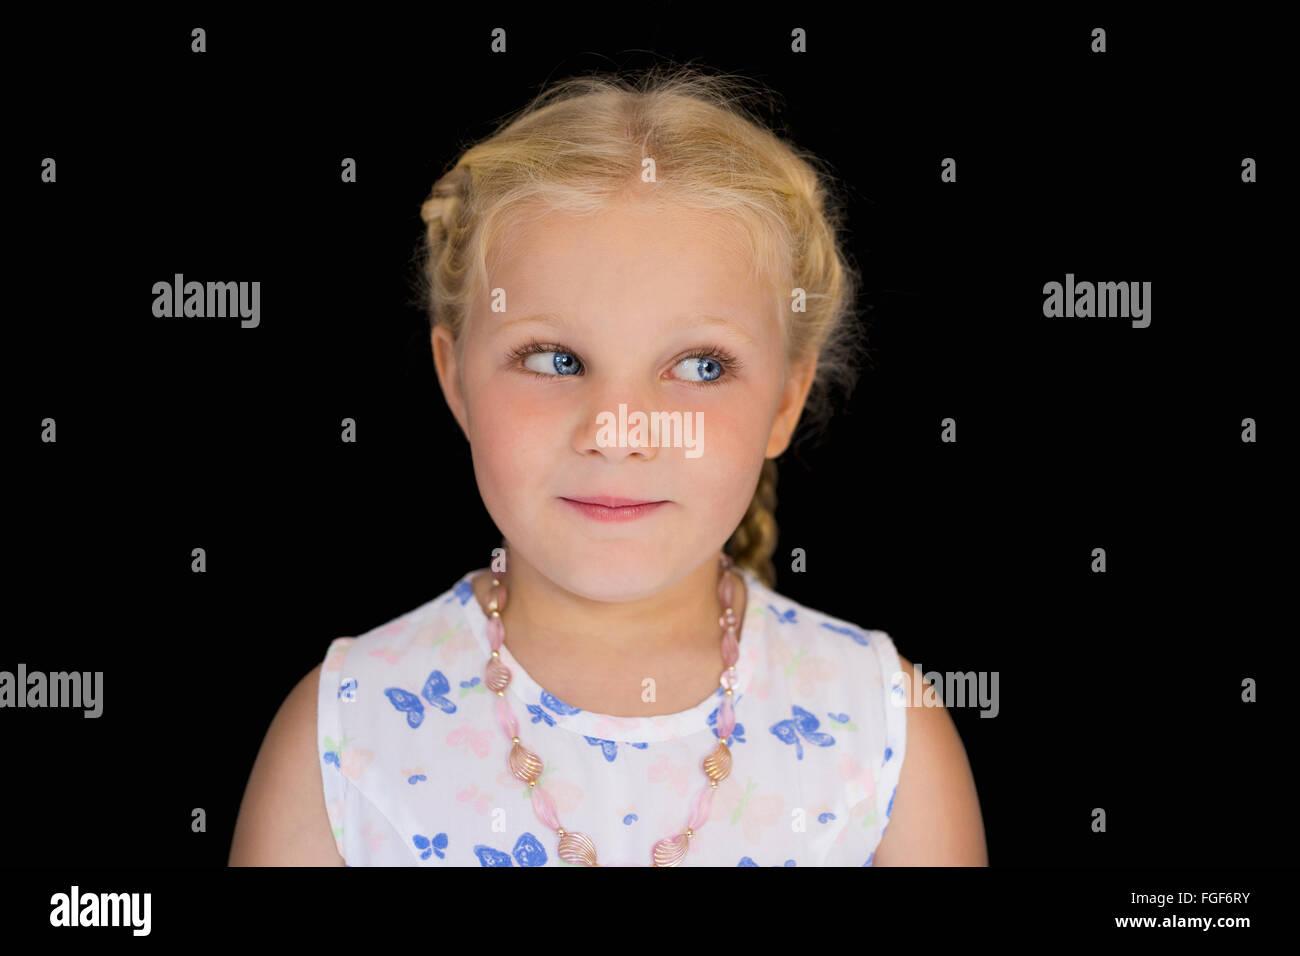 Portrait d'une jeune fille aux cheveux blonds, smiling Photo Stock